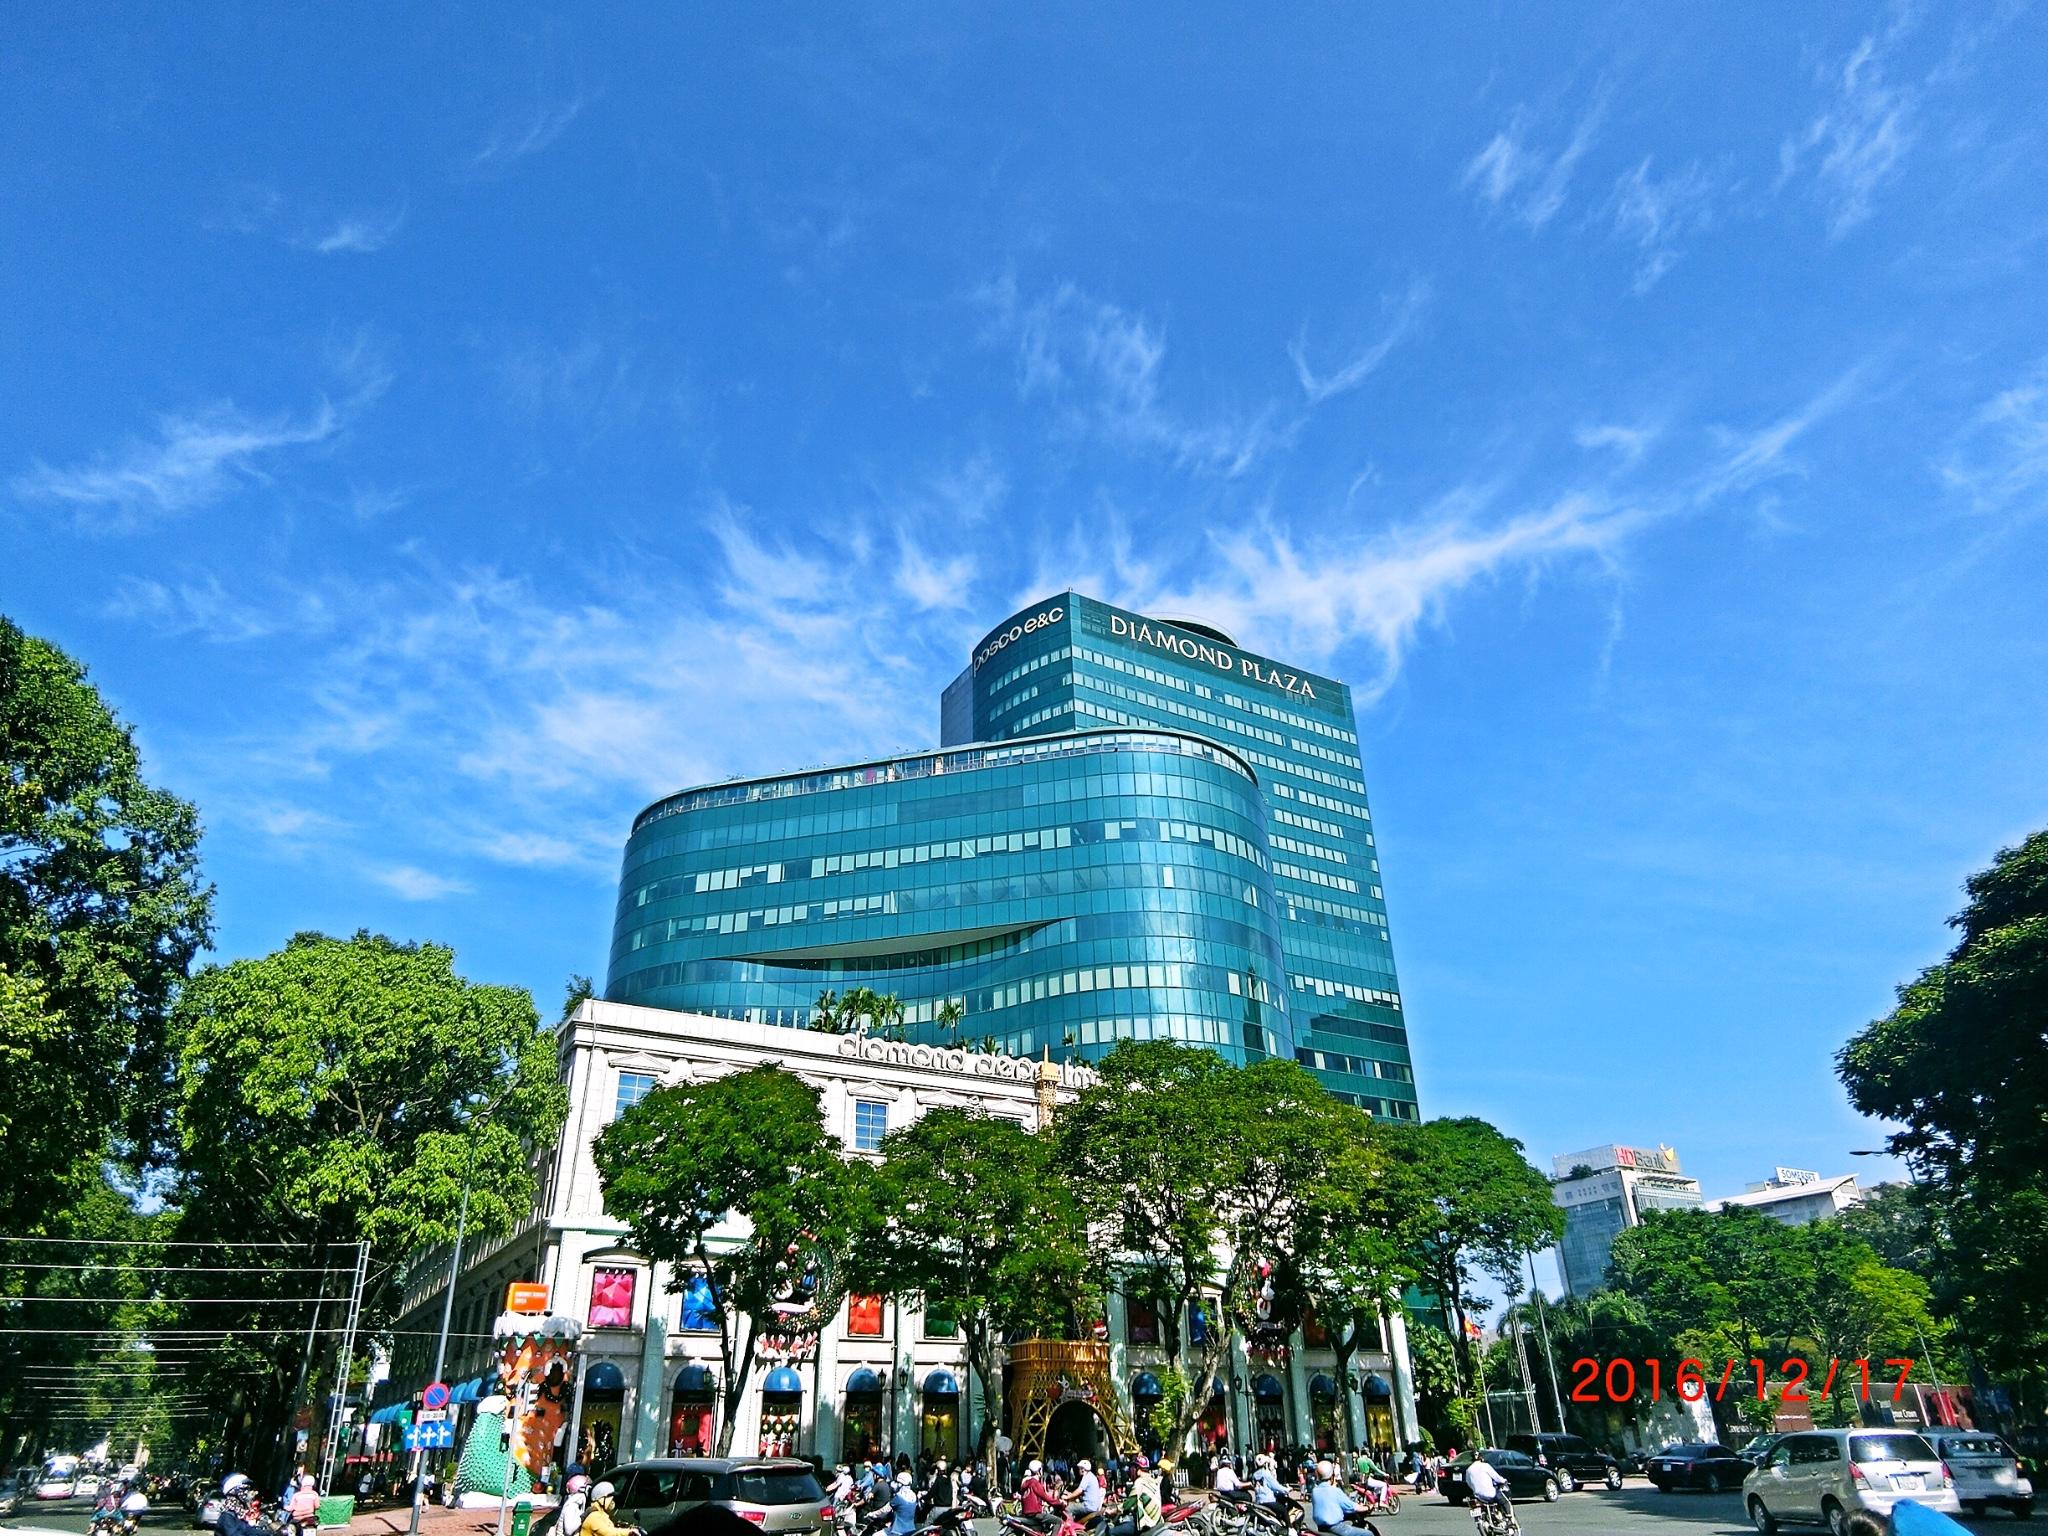 越南胡志明购物去哪里,越南胡志明购物哪里好,越南胡志明购物地点推荐